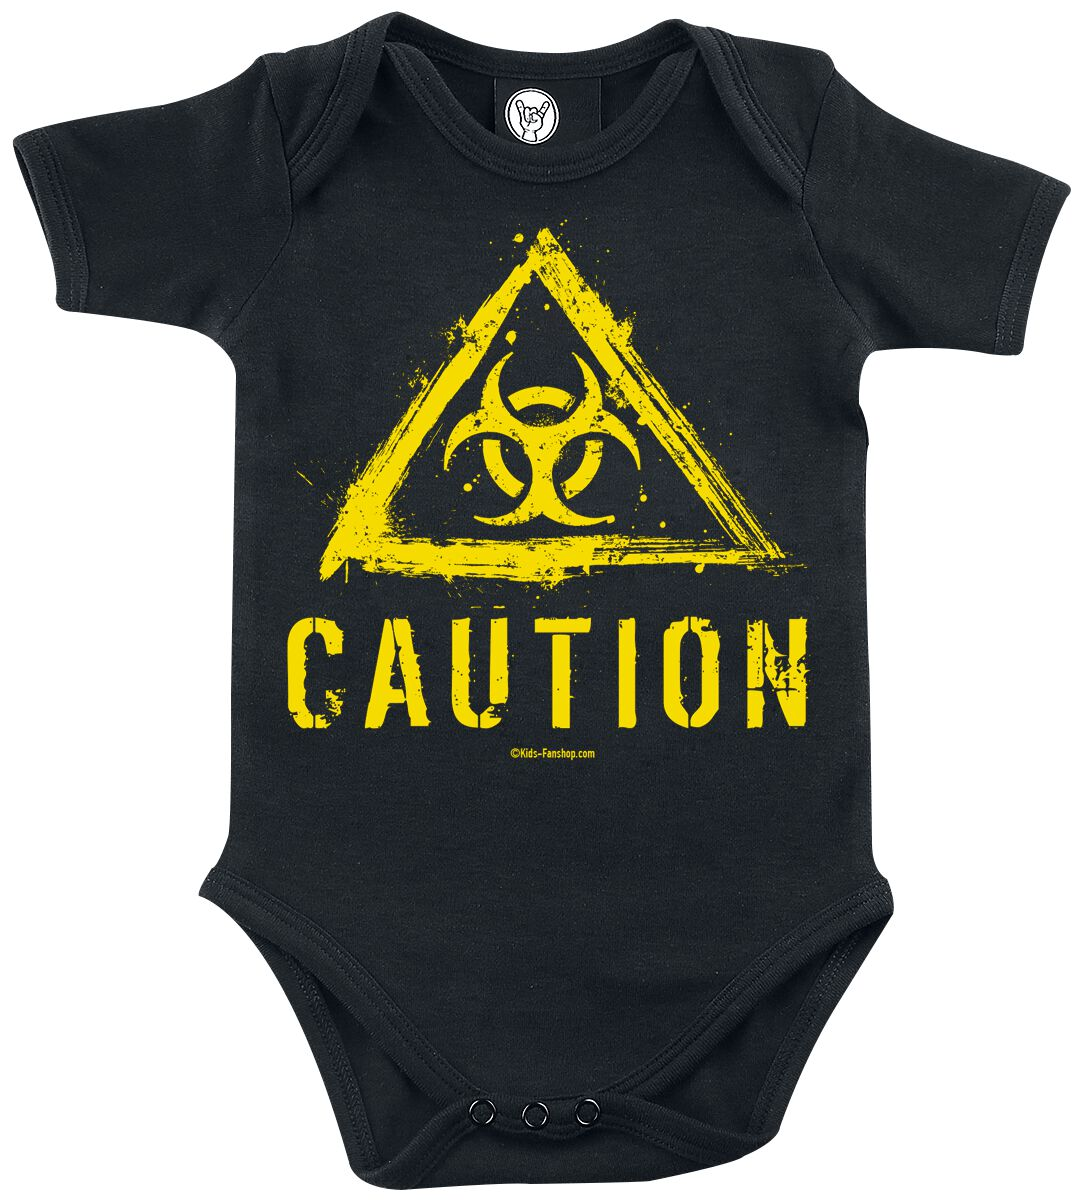 Fun Shirts - Odzież dziecięca i niemowlęca - Body Caution Body czarny - 356679